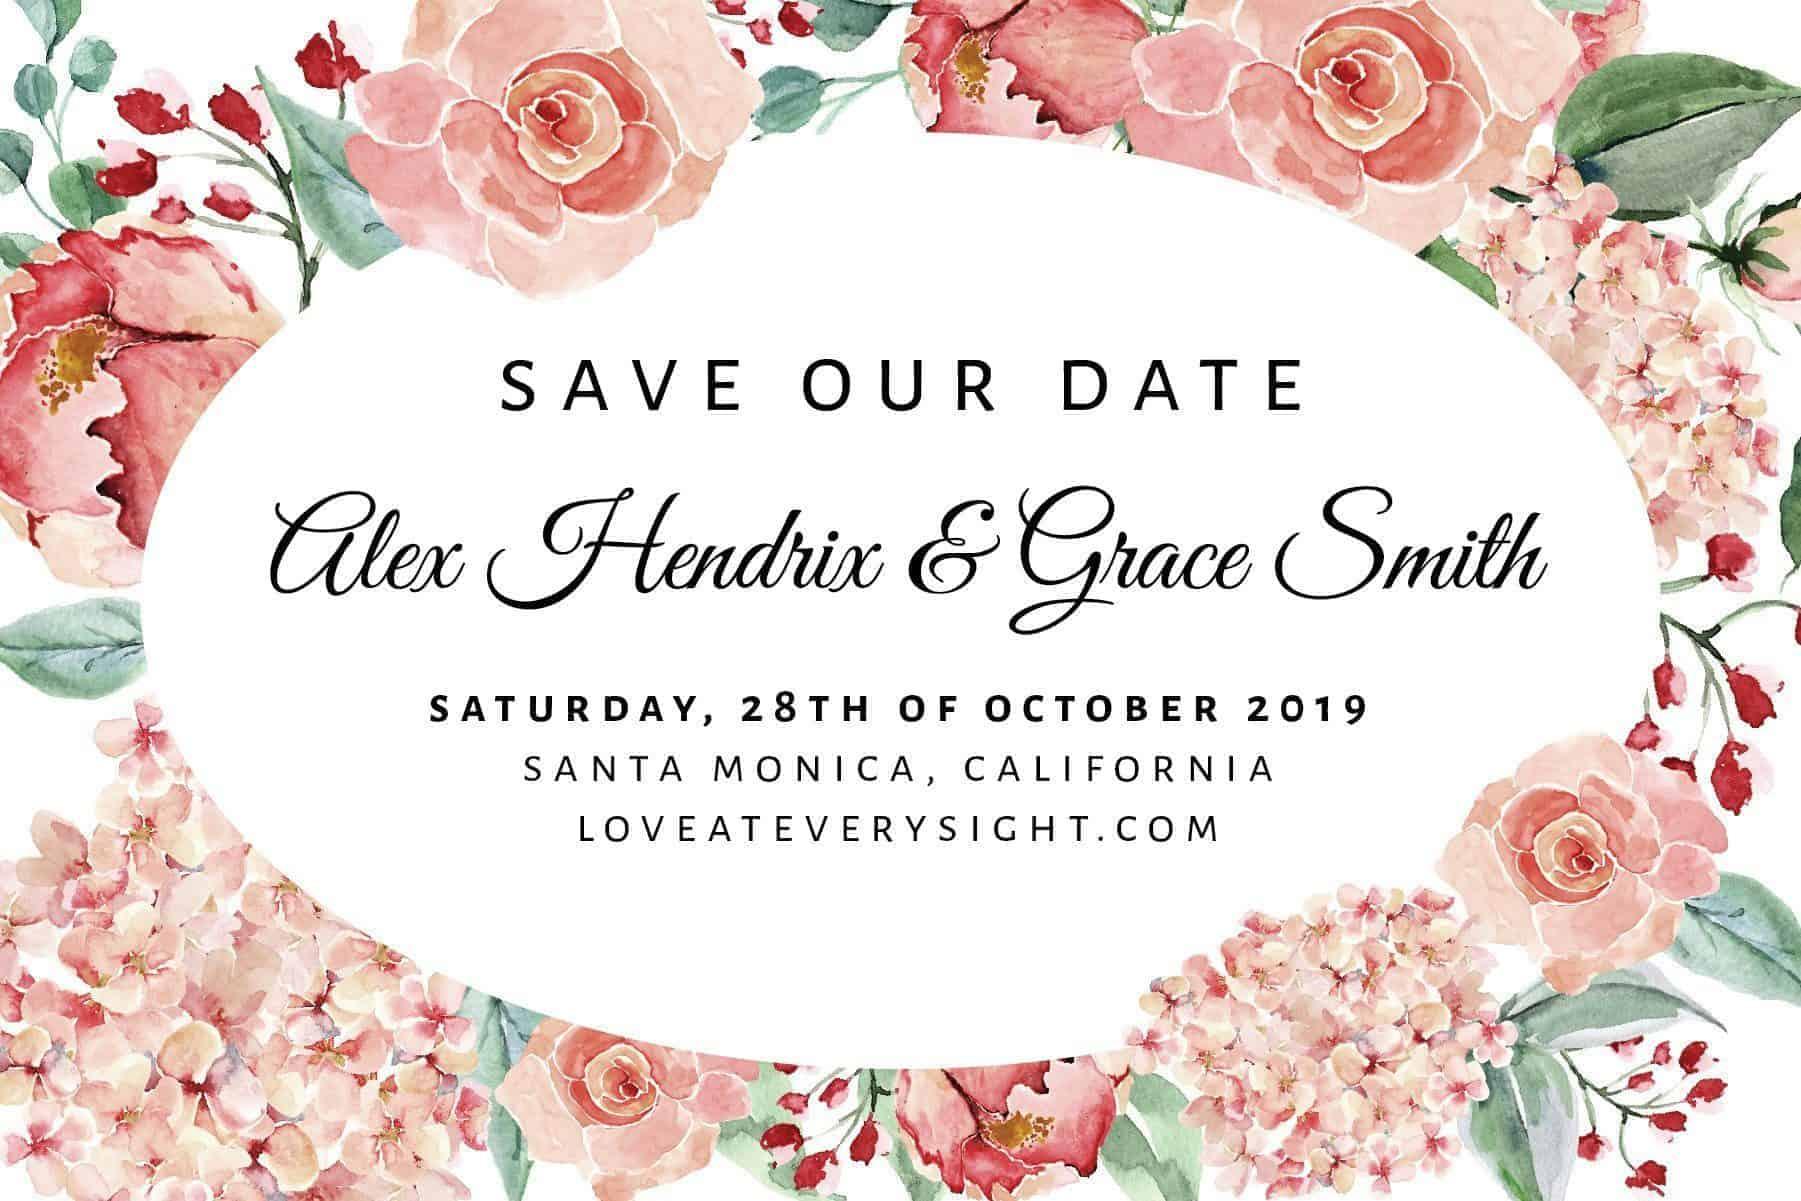 Wedding Calendar Announcement Postcards, Wedding Save the Date Postcards, Save the Date Announcement for Friends Save the Date Cards